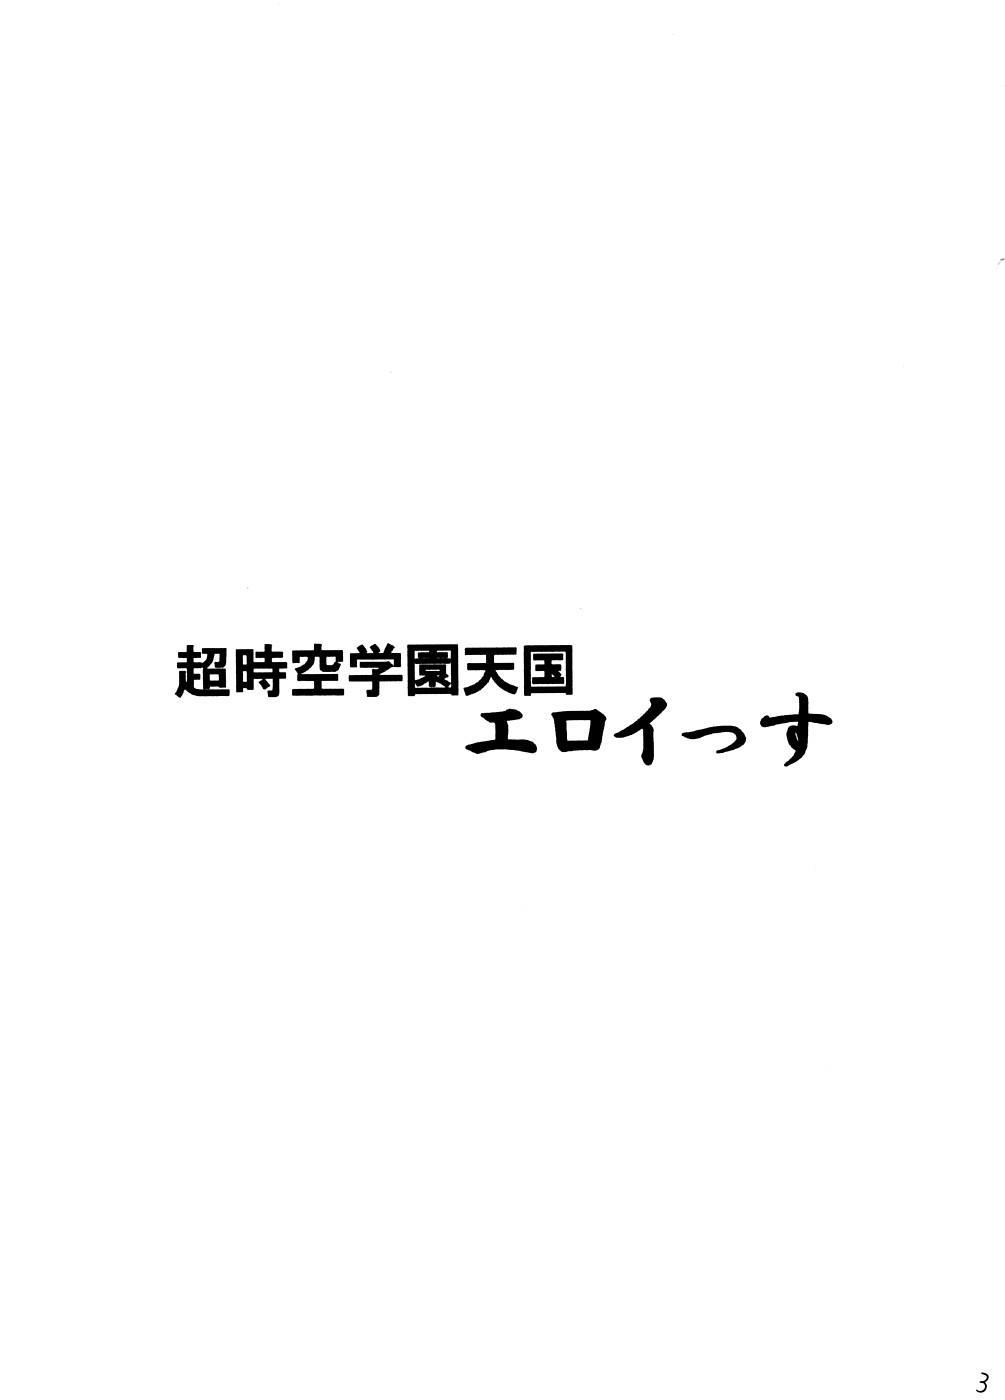 Chou Jikuu Gakuen Tengoku Eroi ssu 1